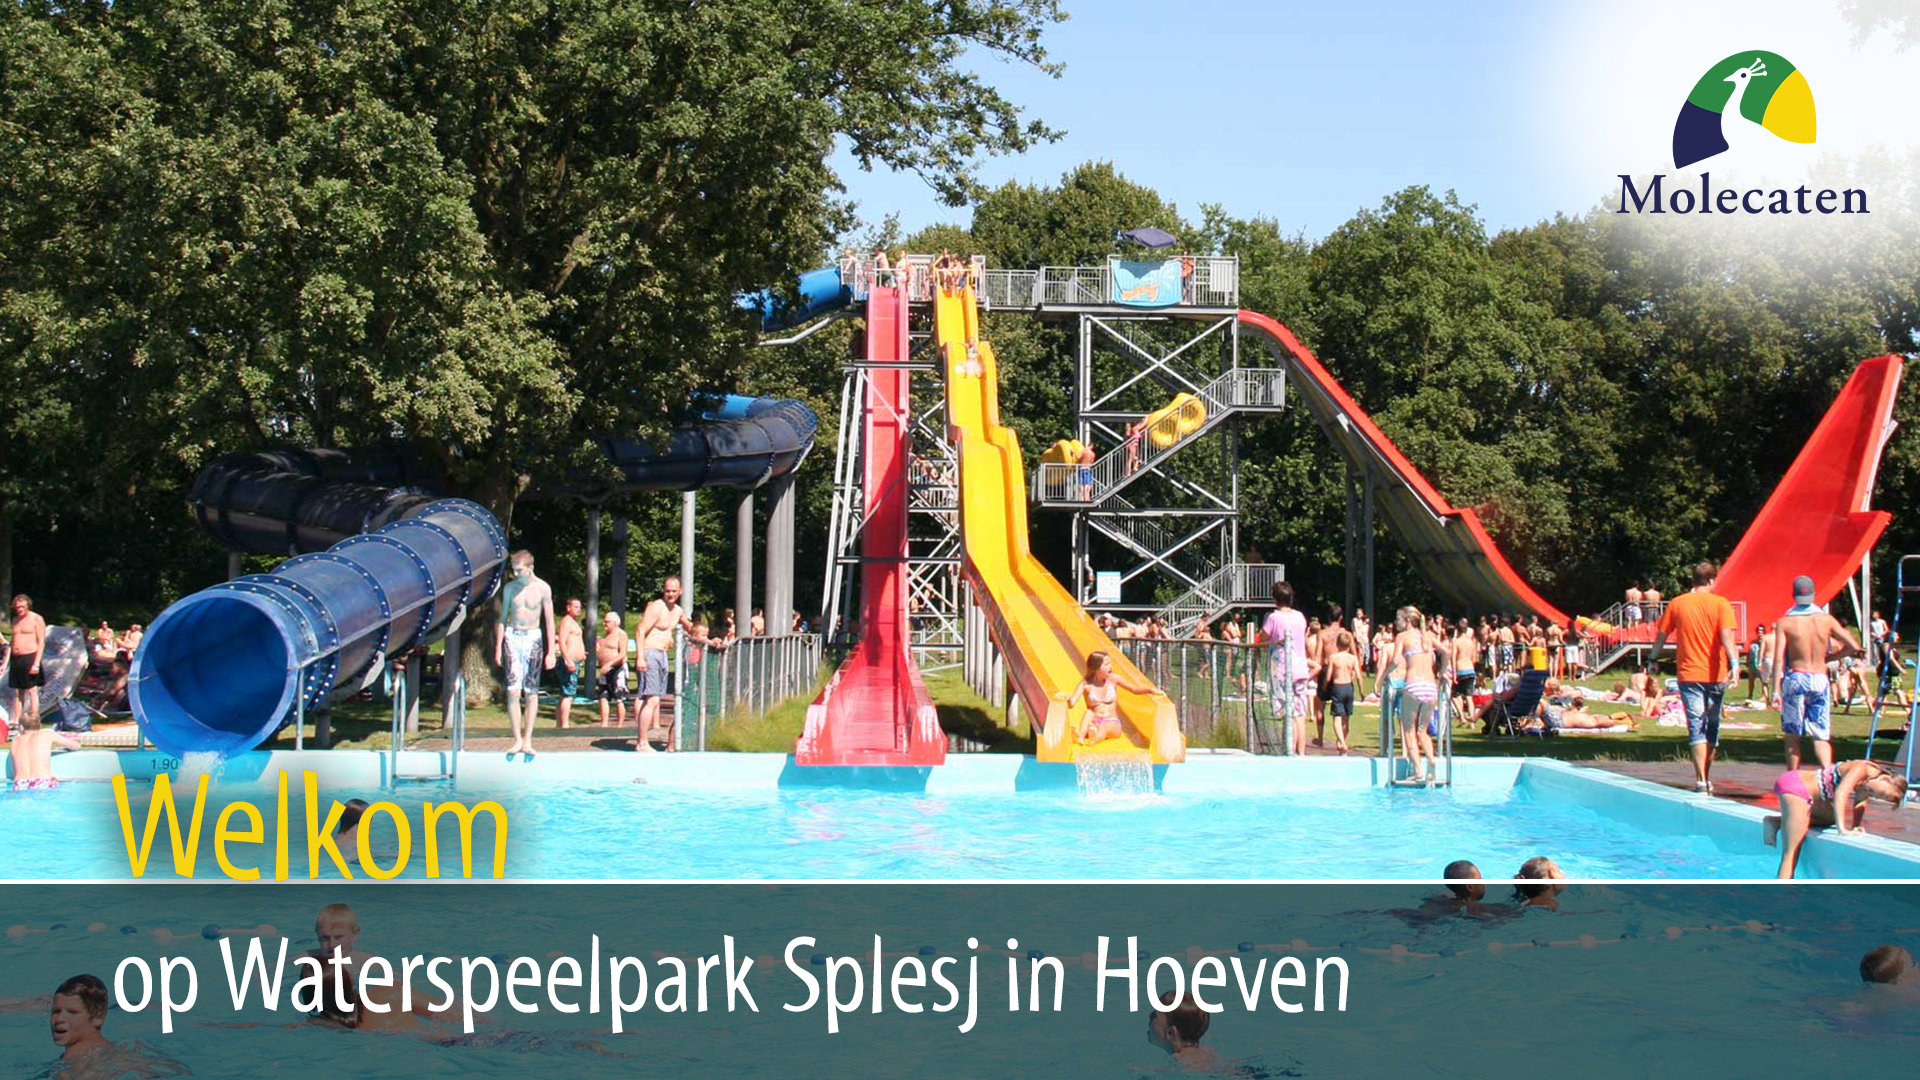 Molecaten Waterspeelpark Splesj in Hoeven